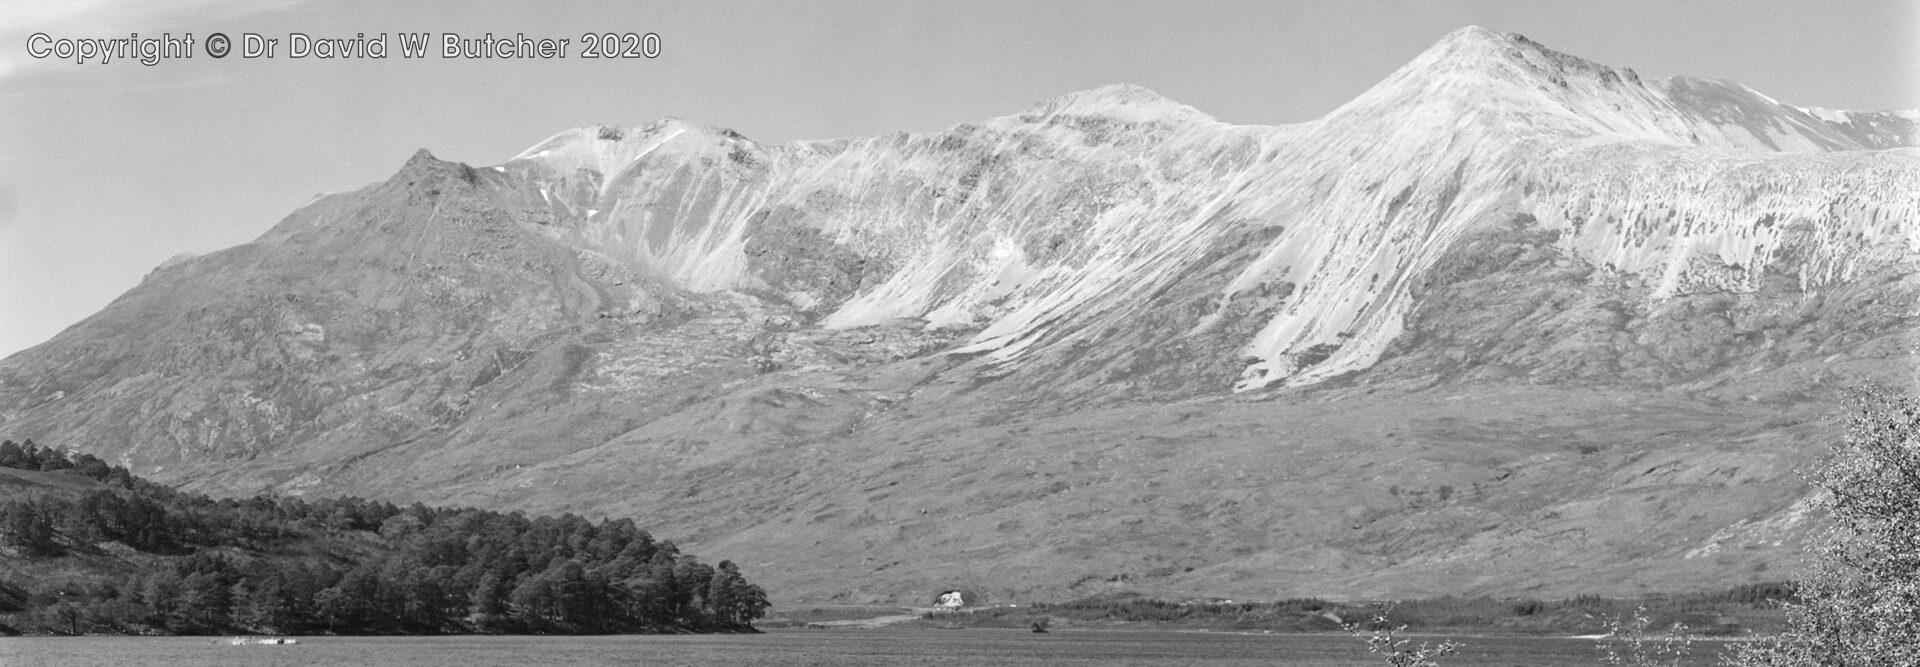 Beinn Eighe, Torridon, Scotland